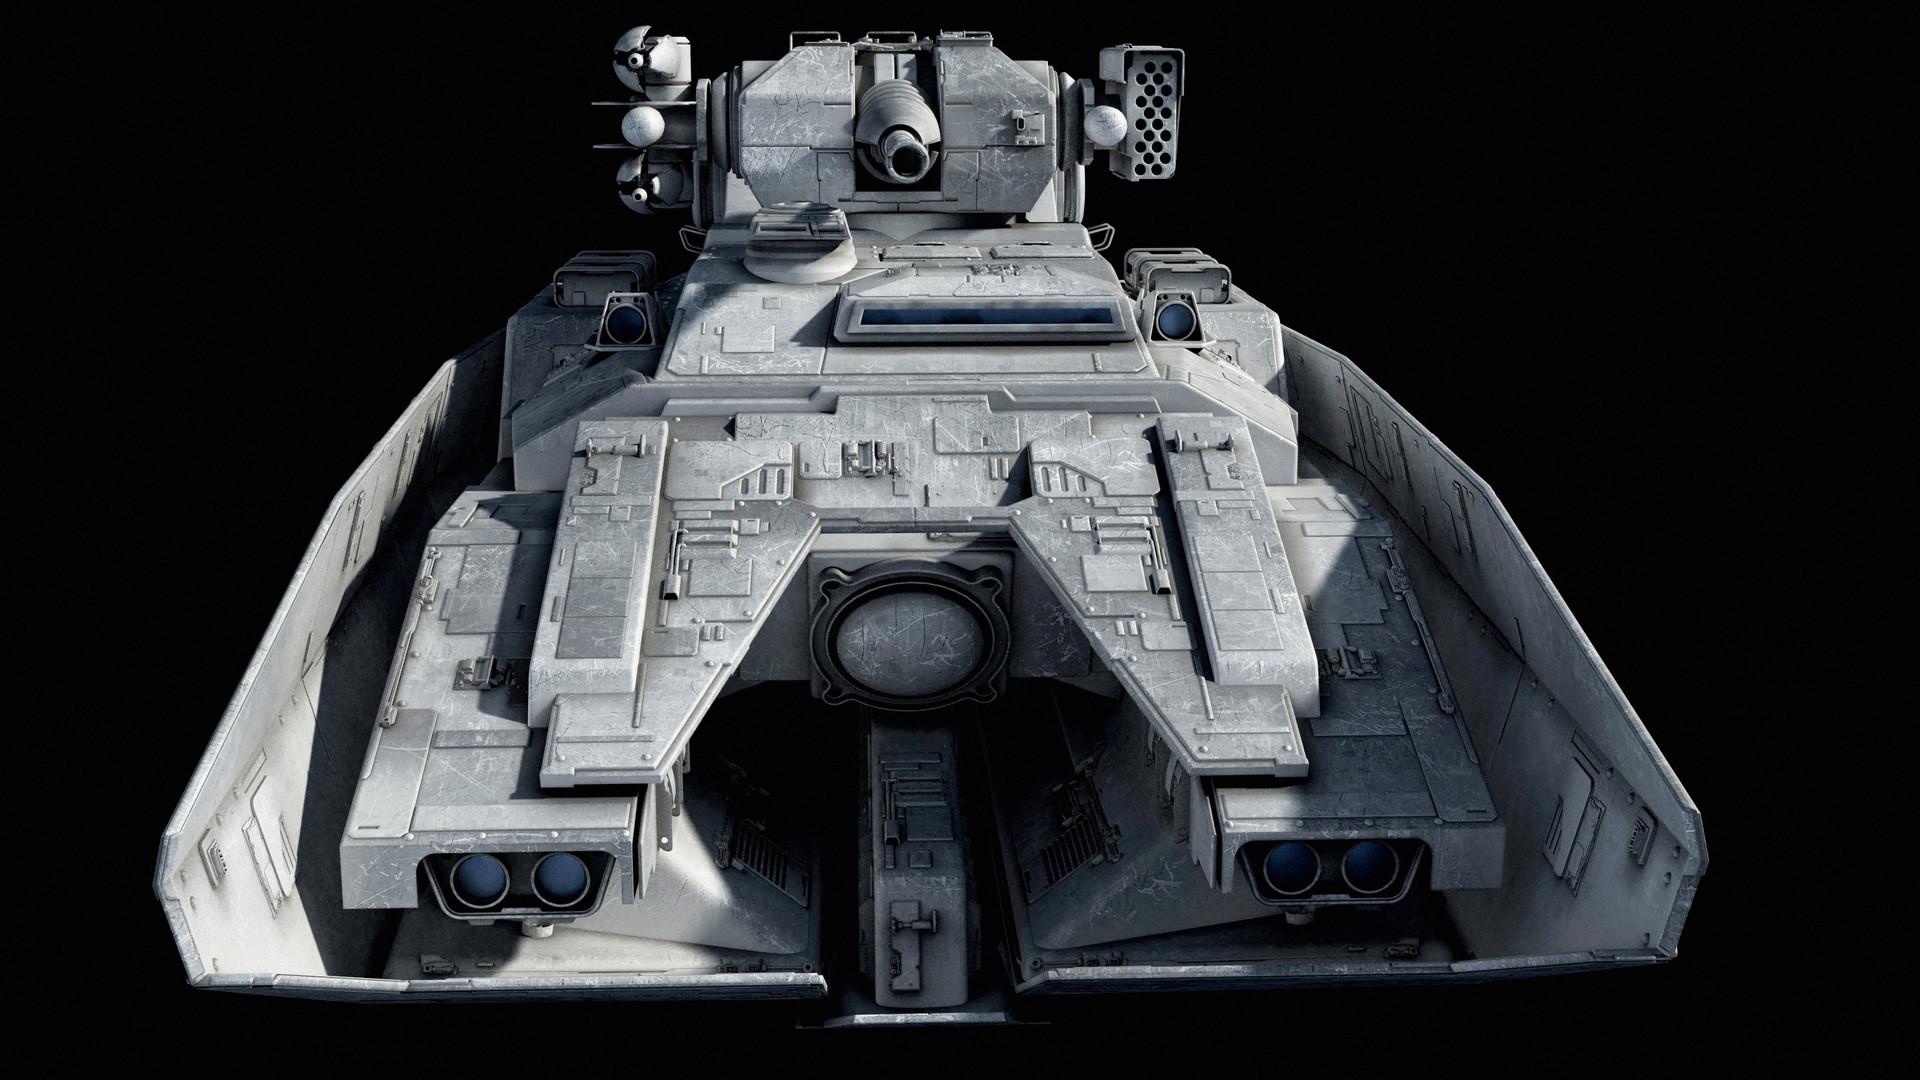 Ansel hsiao tank34